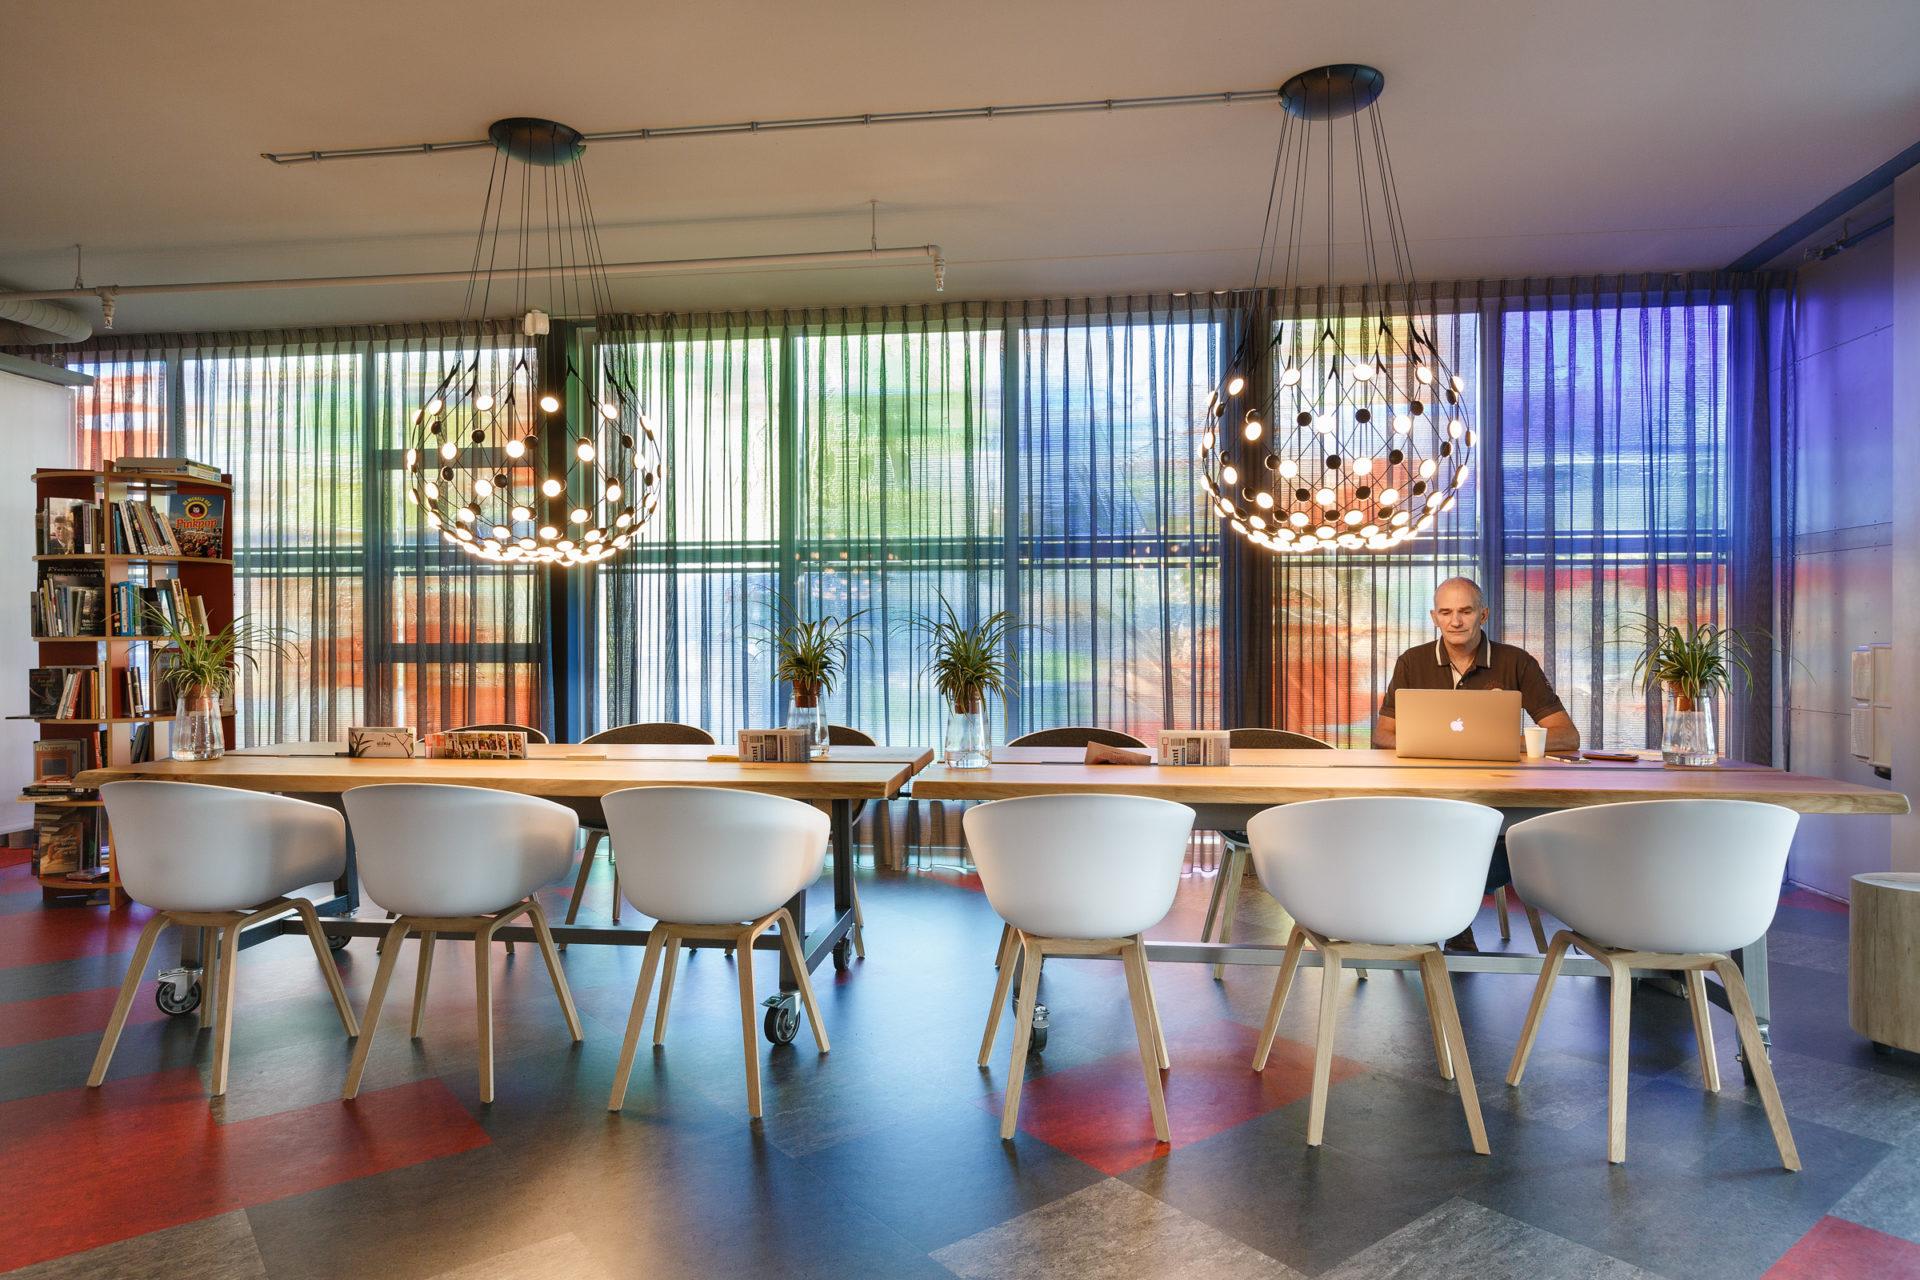 Topperprojecten - Nederlands Instituut voor Beeld en Geluid 19